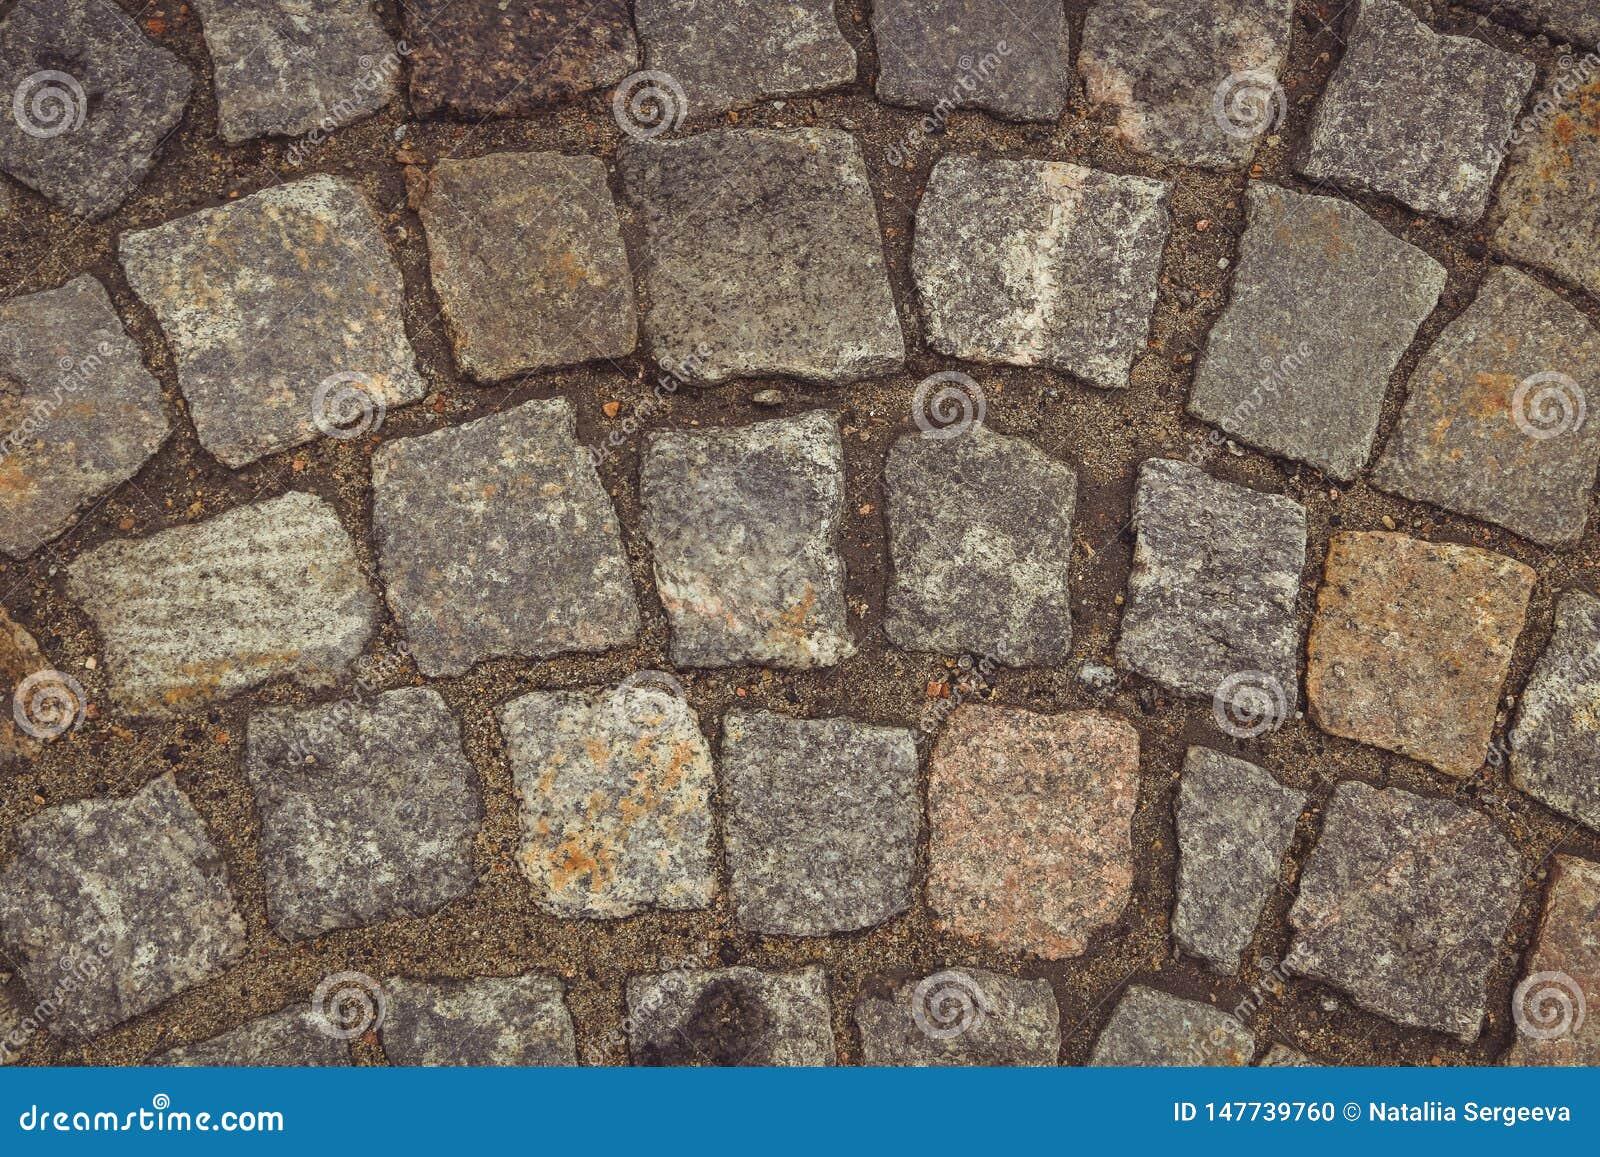 R текстура камня, булыжника, мостовой, гранита